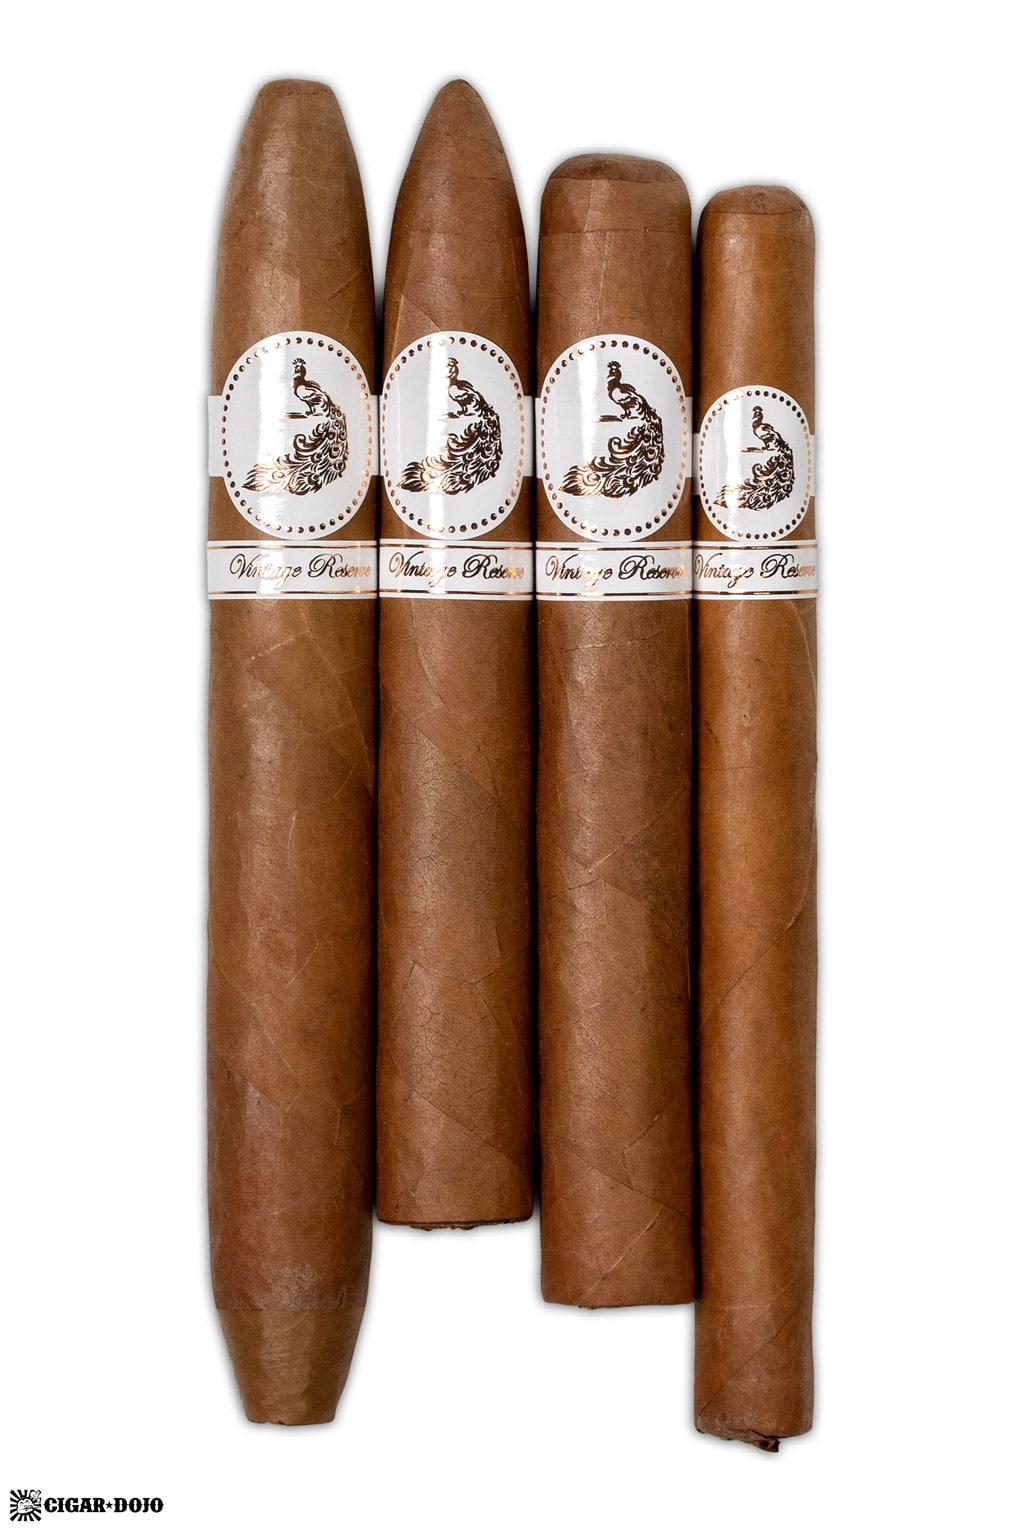 Bombay Tobak MQBA Nikka Review - Cigar Dojo